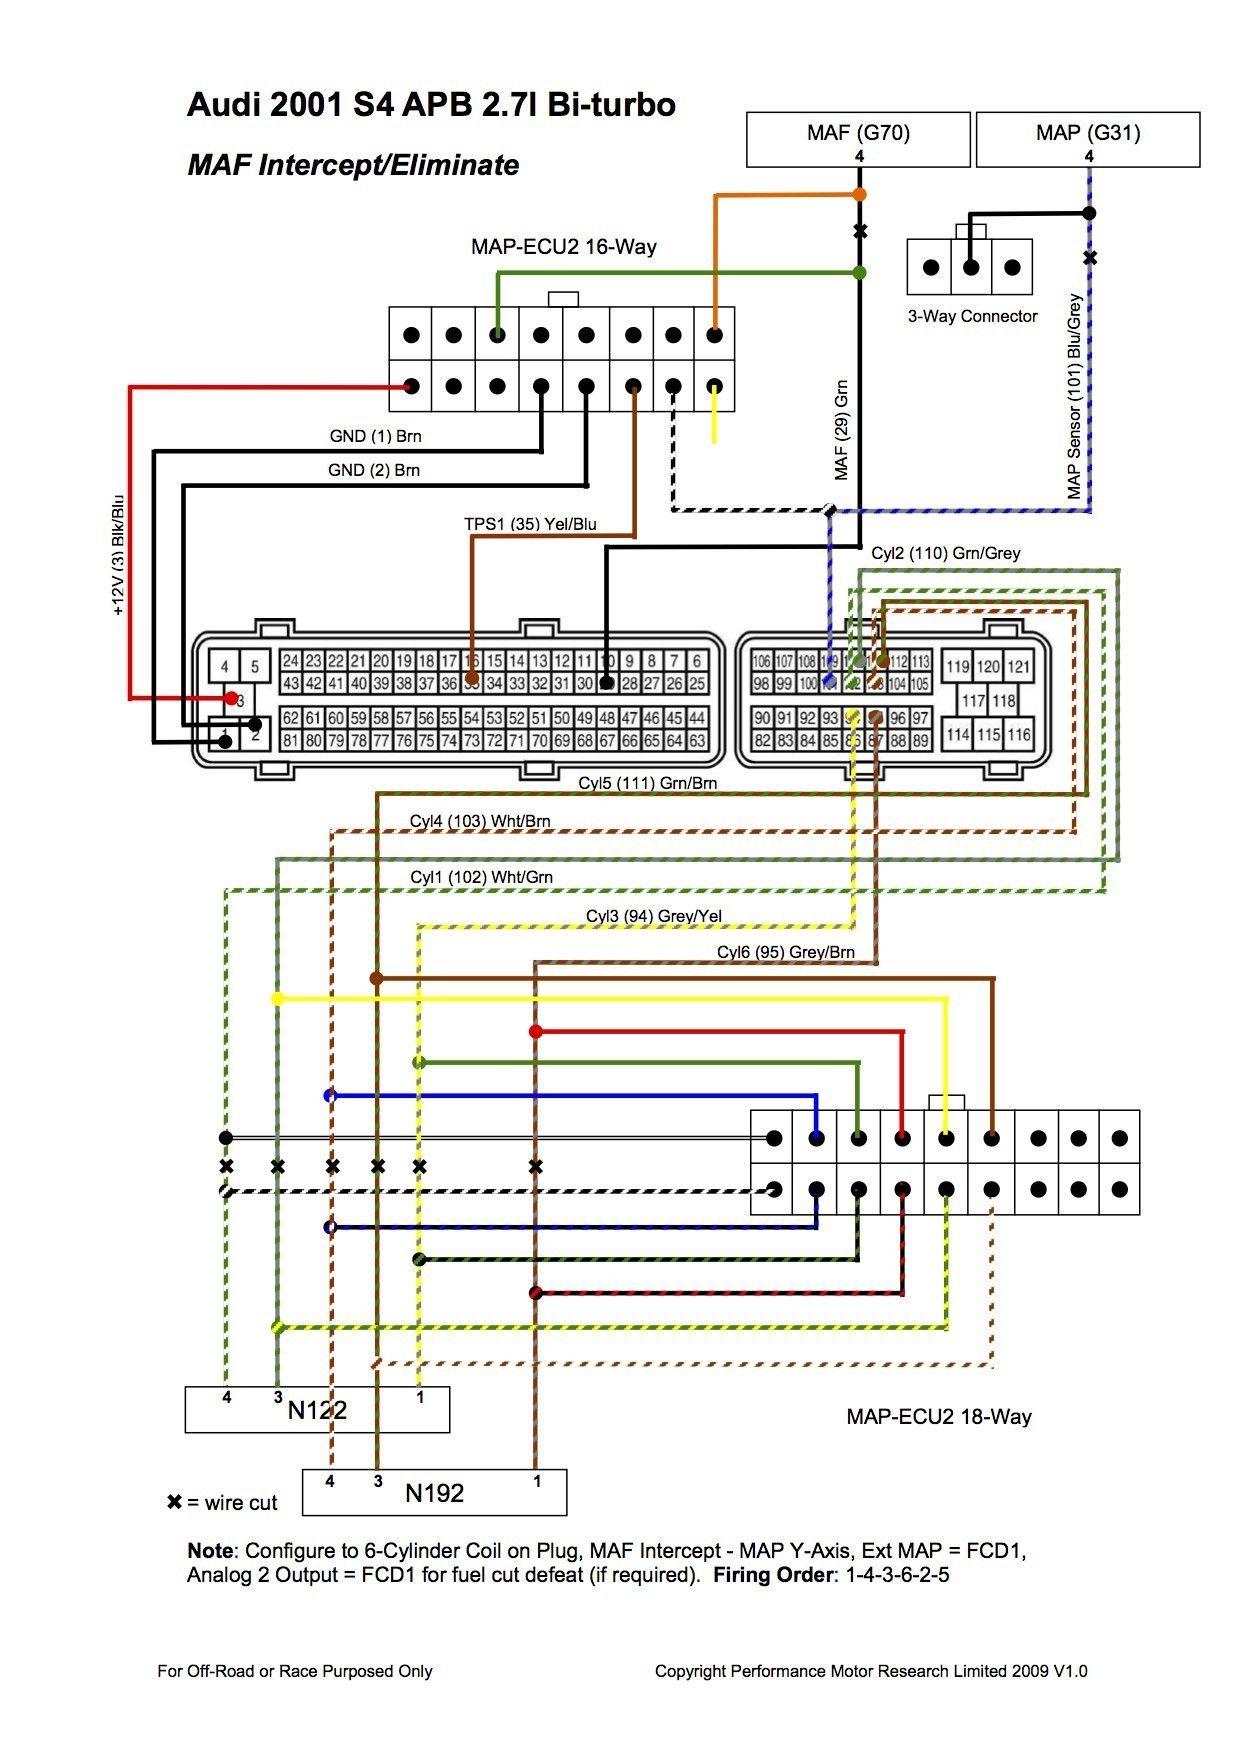 Unique 2016 Ram 1500 Wiring Diagram In 2020 Trailer Wiring Diagram Electrical Wiring Diagram Diagram